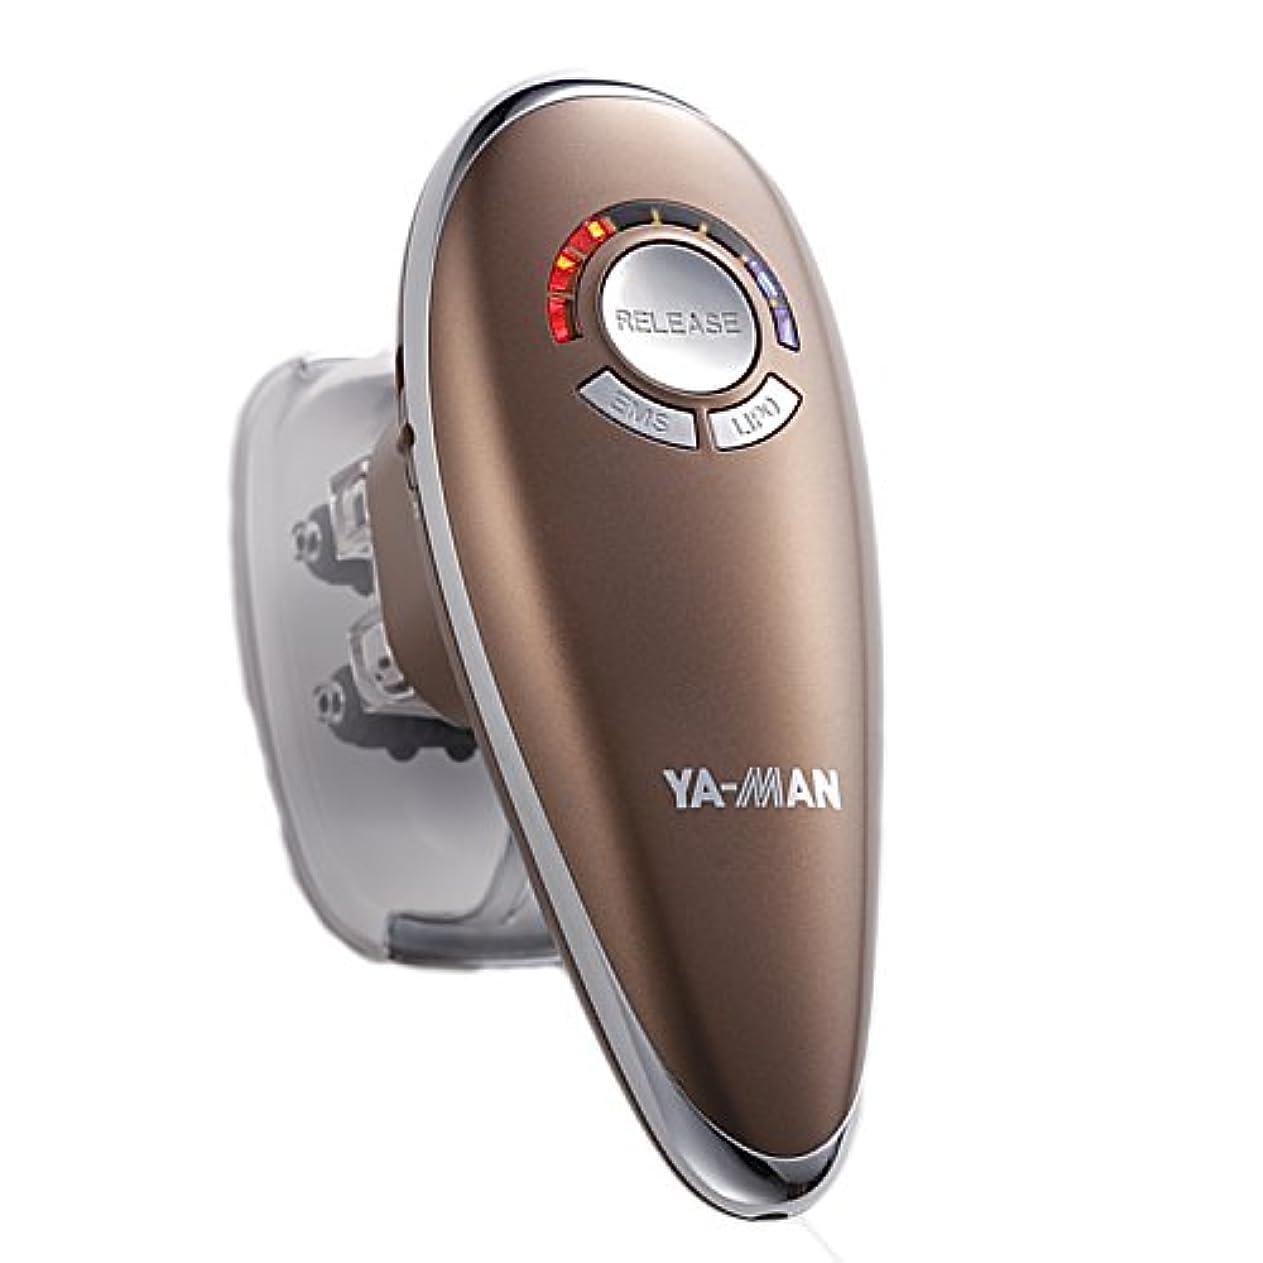 範囲空気感度YA-MAN(ヤーマン) ダイエット アセチノリポボディスリムEX ブロンズ セルライト マッサージ ボディ バスト IB30T